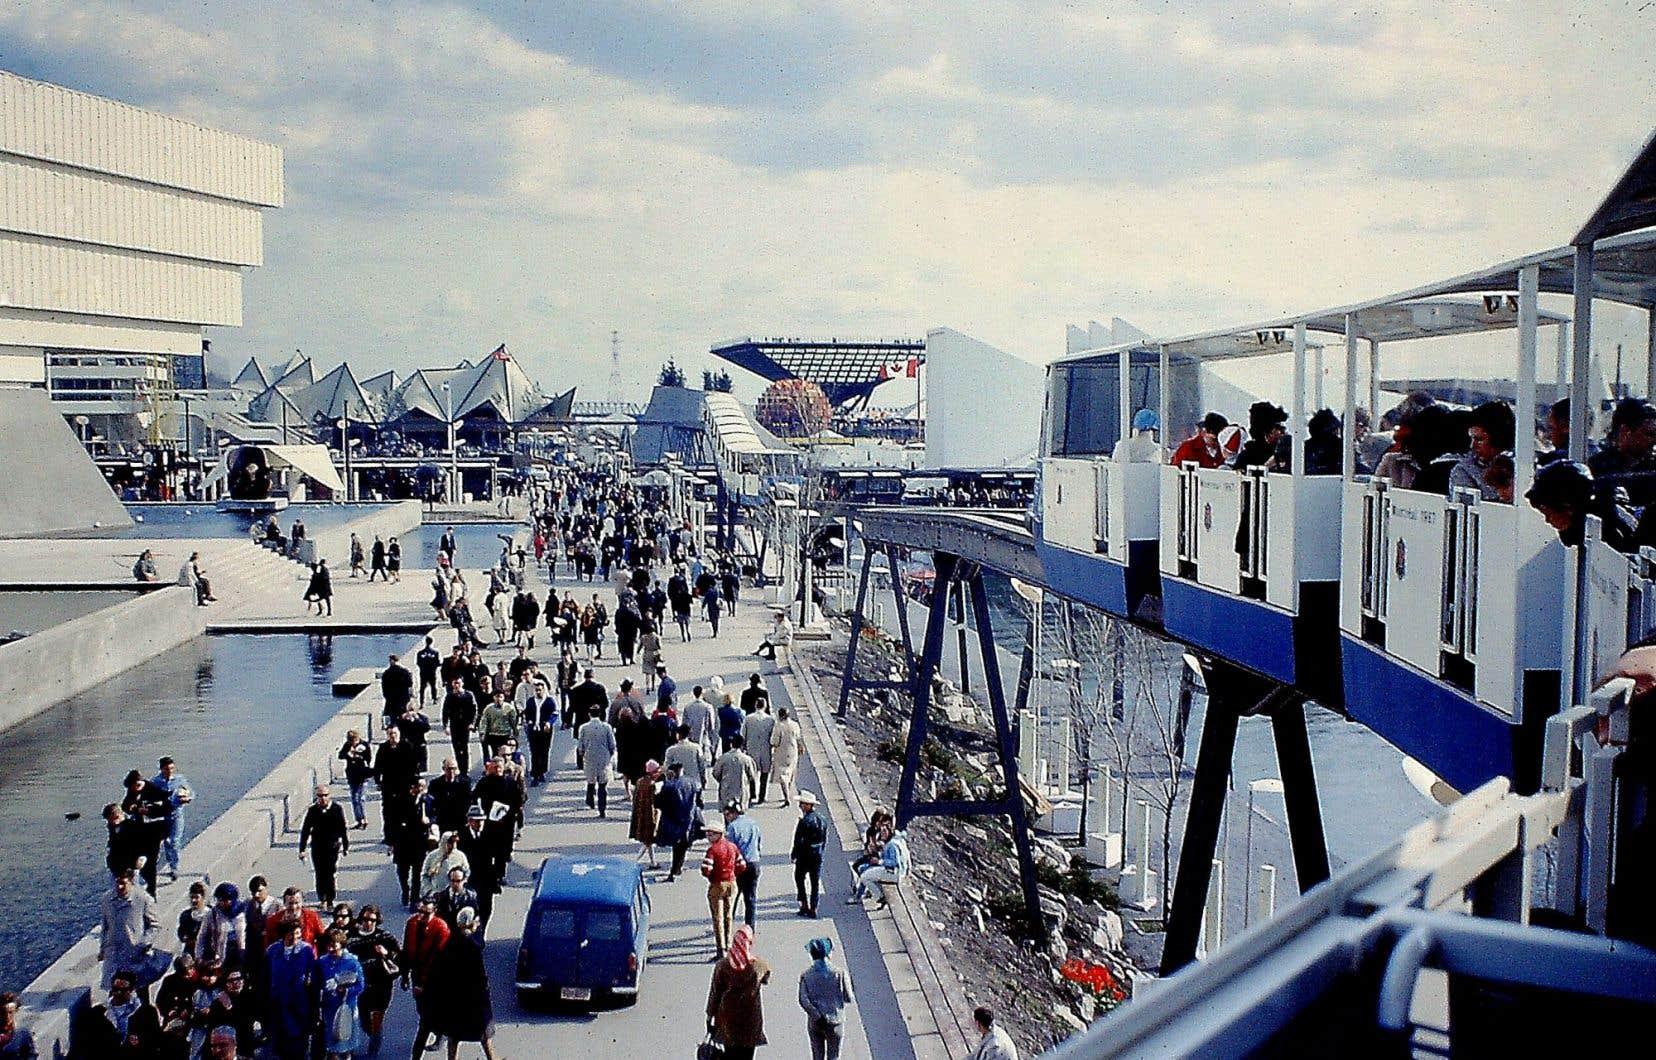 Pour les organisateurs de la Nuit blanche, faire revivre Expo 67 a été très enthousiasmant.